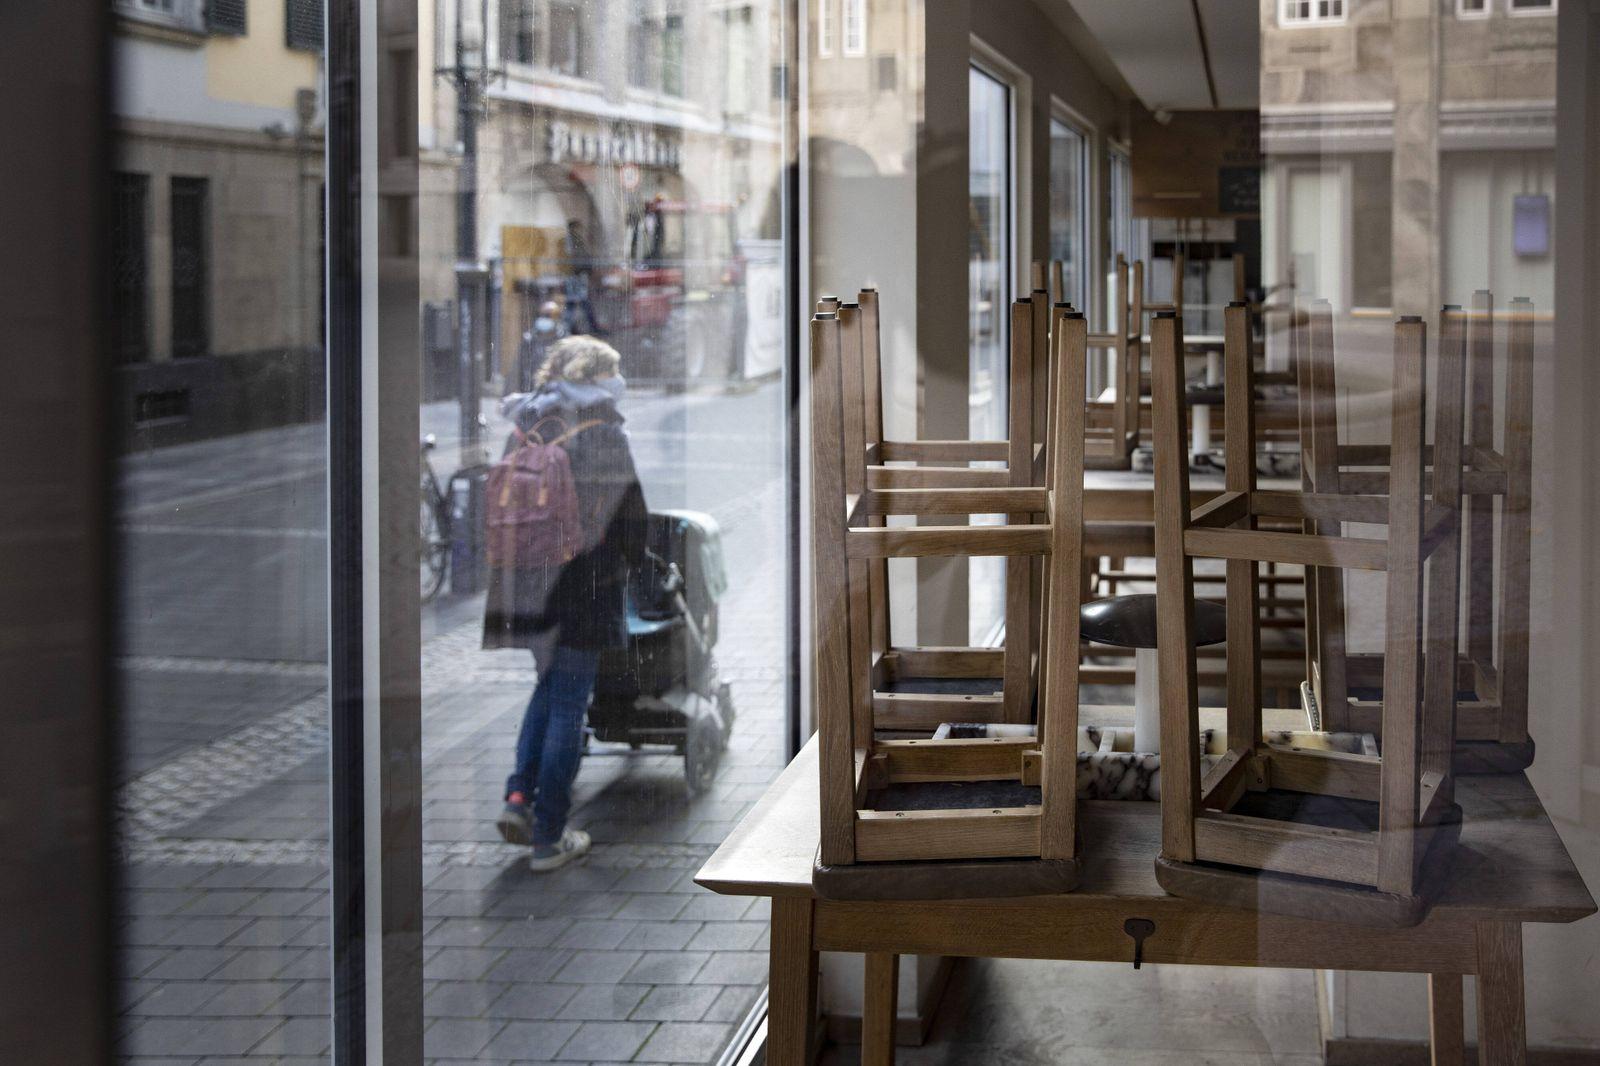 Geschlossenes Restaurant der Firma Vapiano in Bonn, den 03.11.2020. Bonn Deutschland *** Closed restaurant of the compan